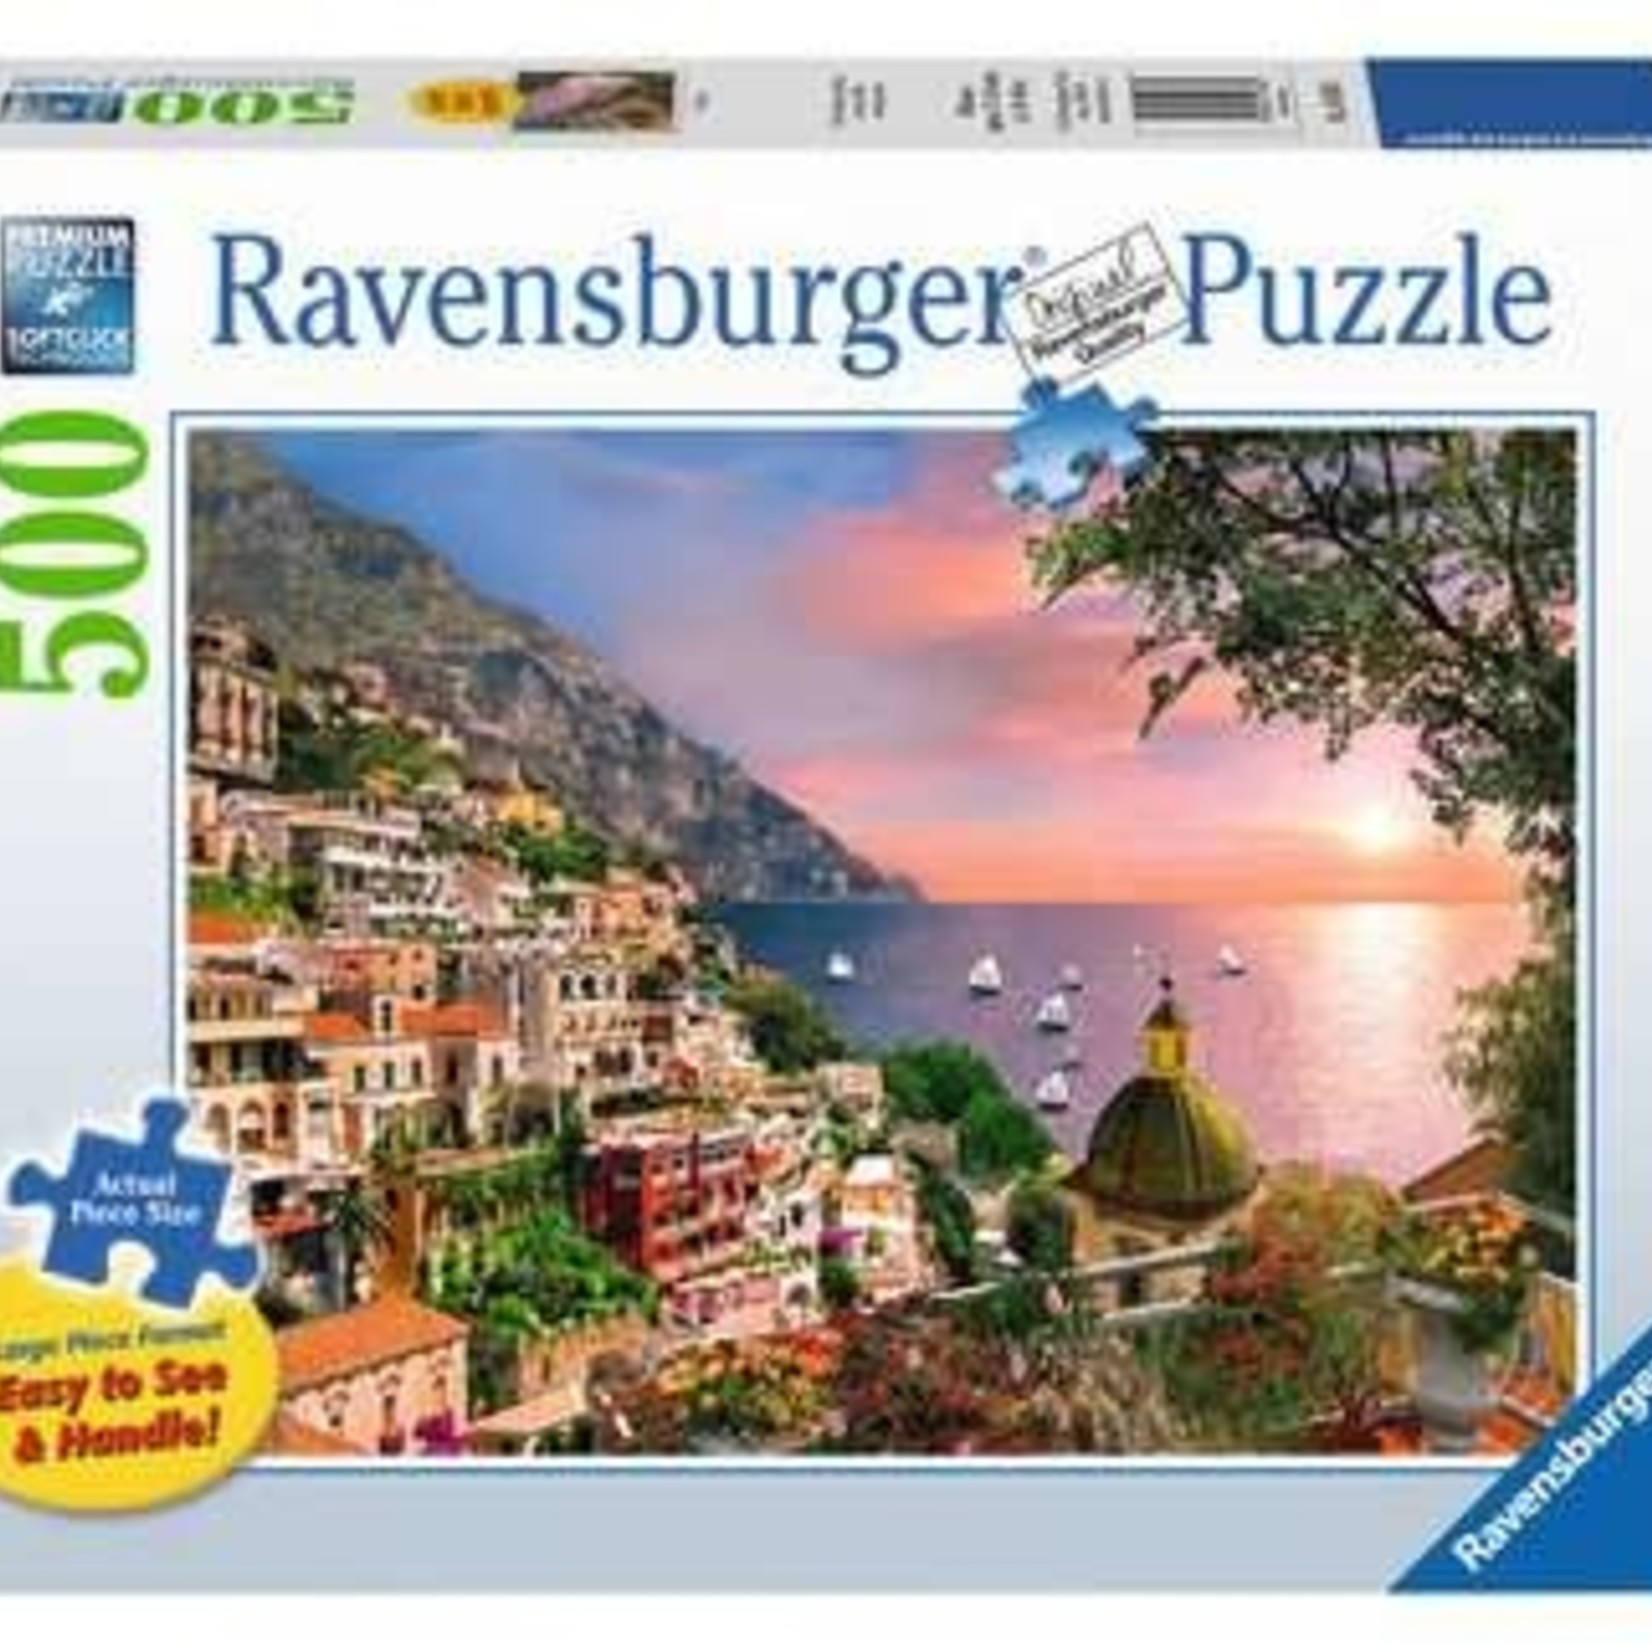 Ravensburger Positano - 500 pc